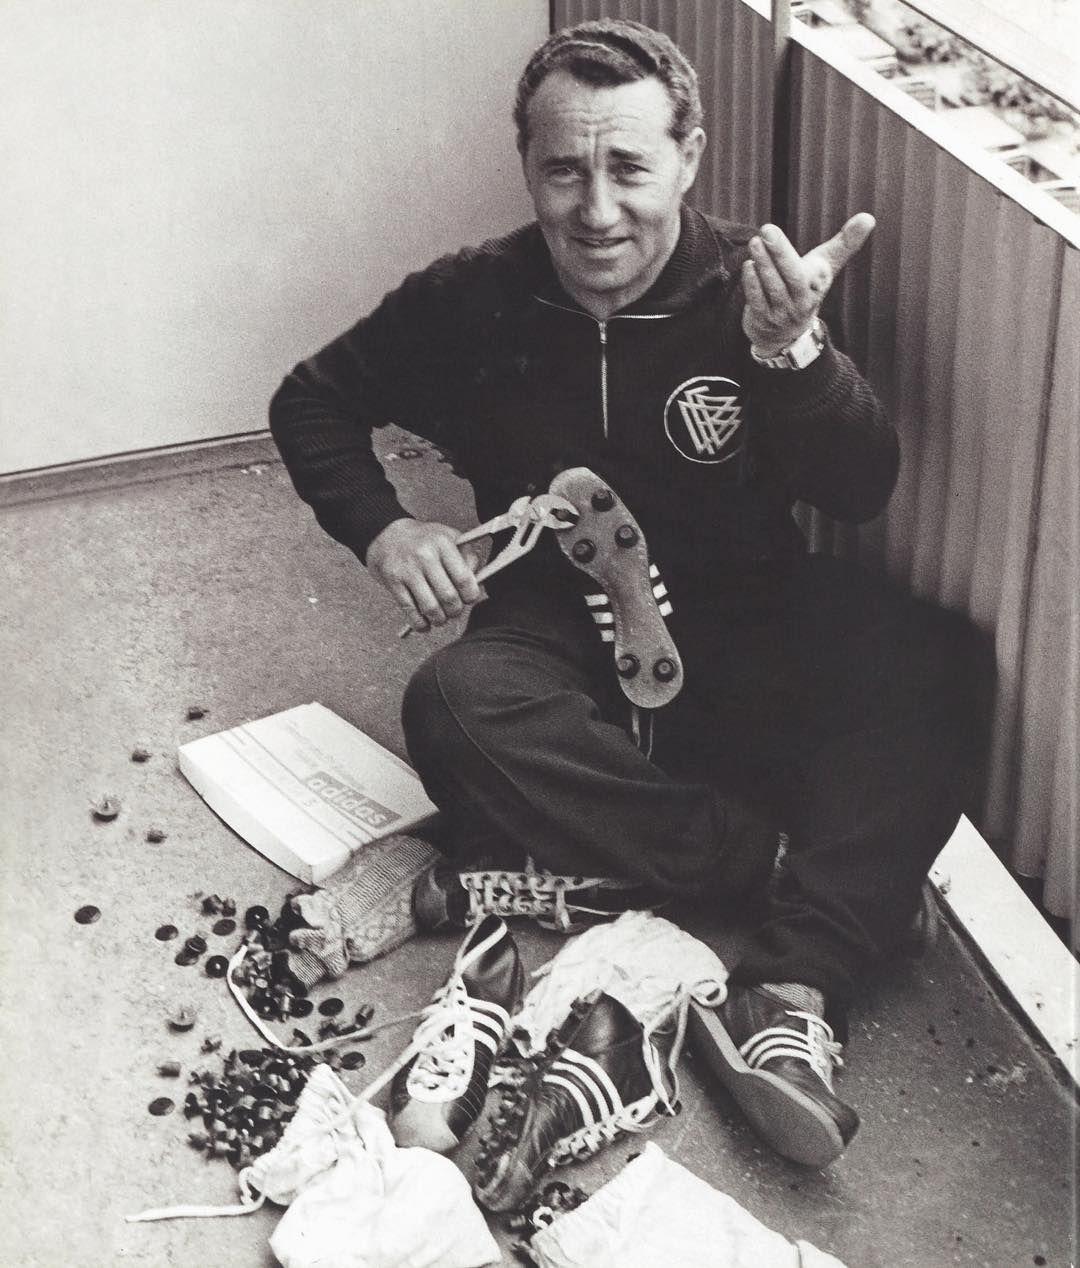 Adi Dassler adidas 70th anniversary